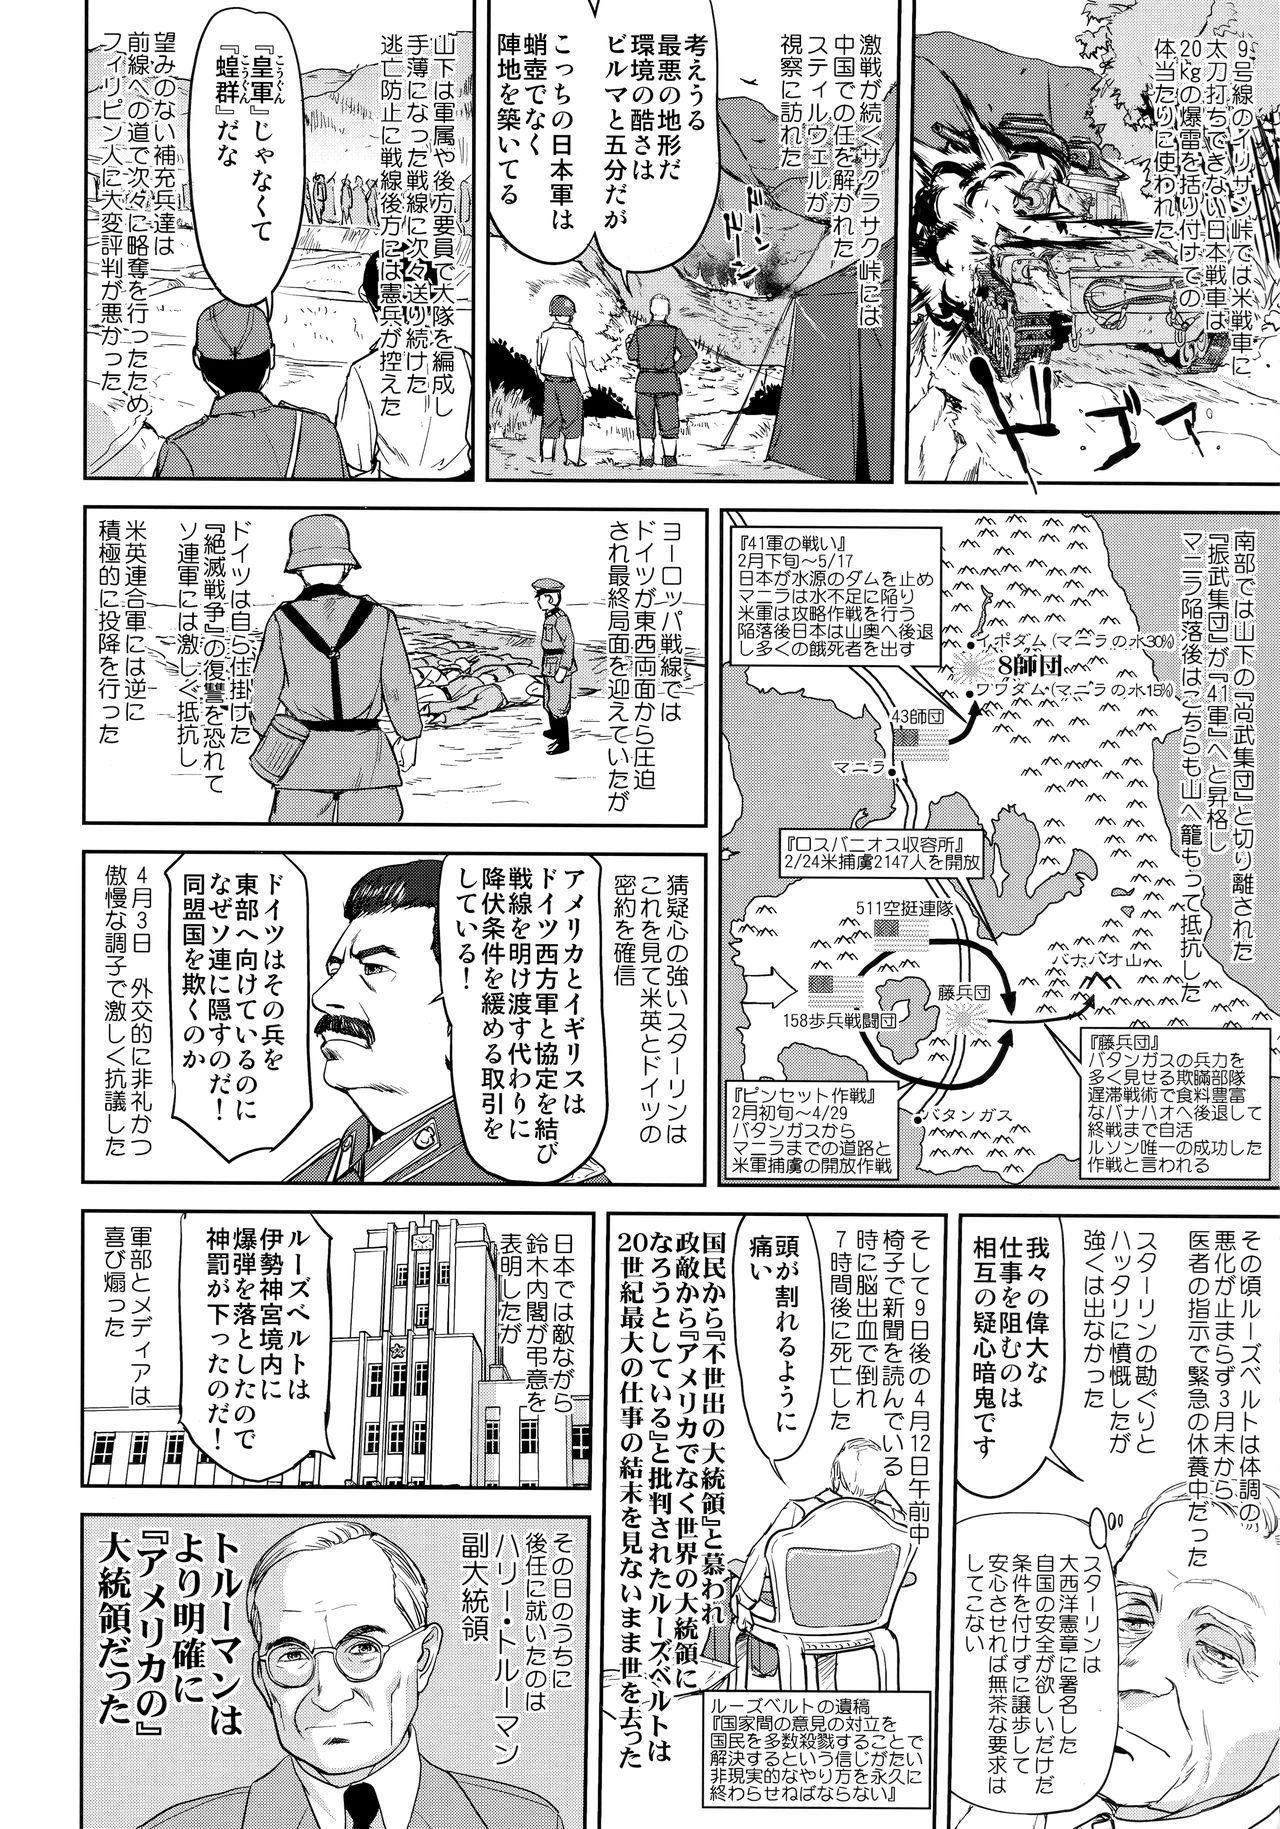 Teitoku no Ketsudan Kanmusu no Ichiban Nagai Hi 22